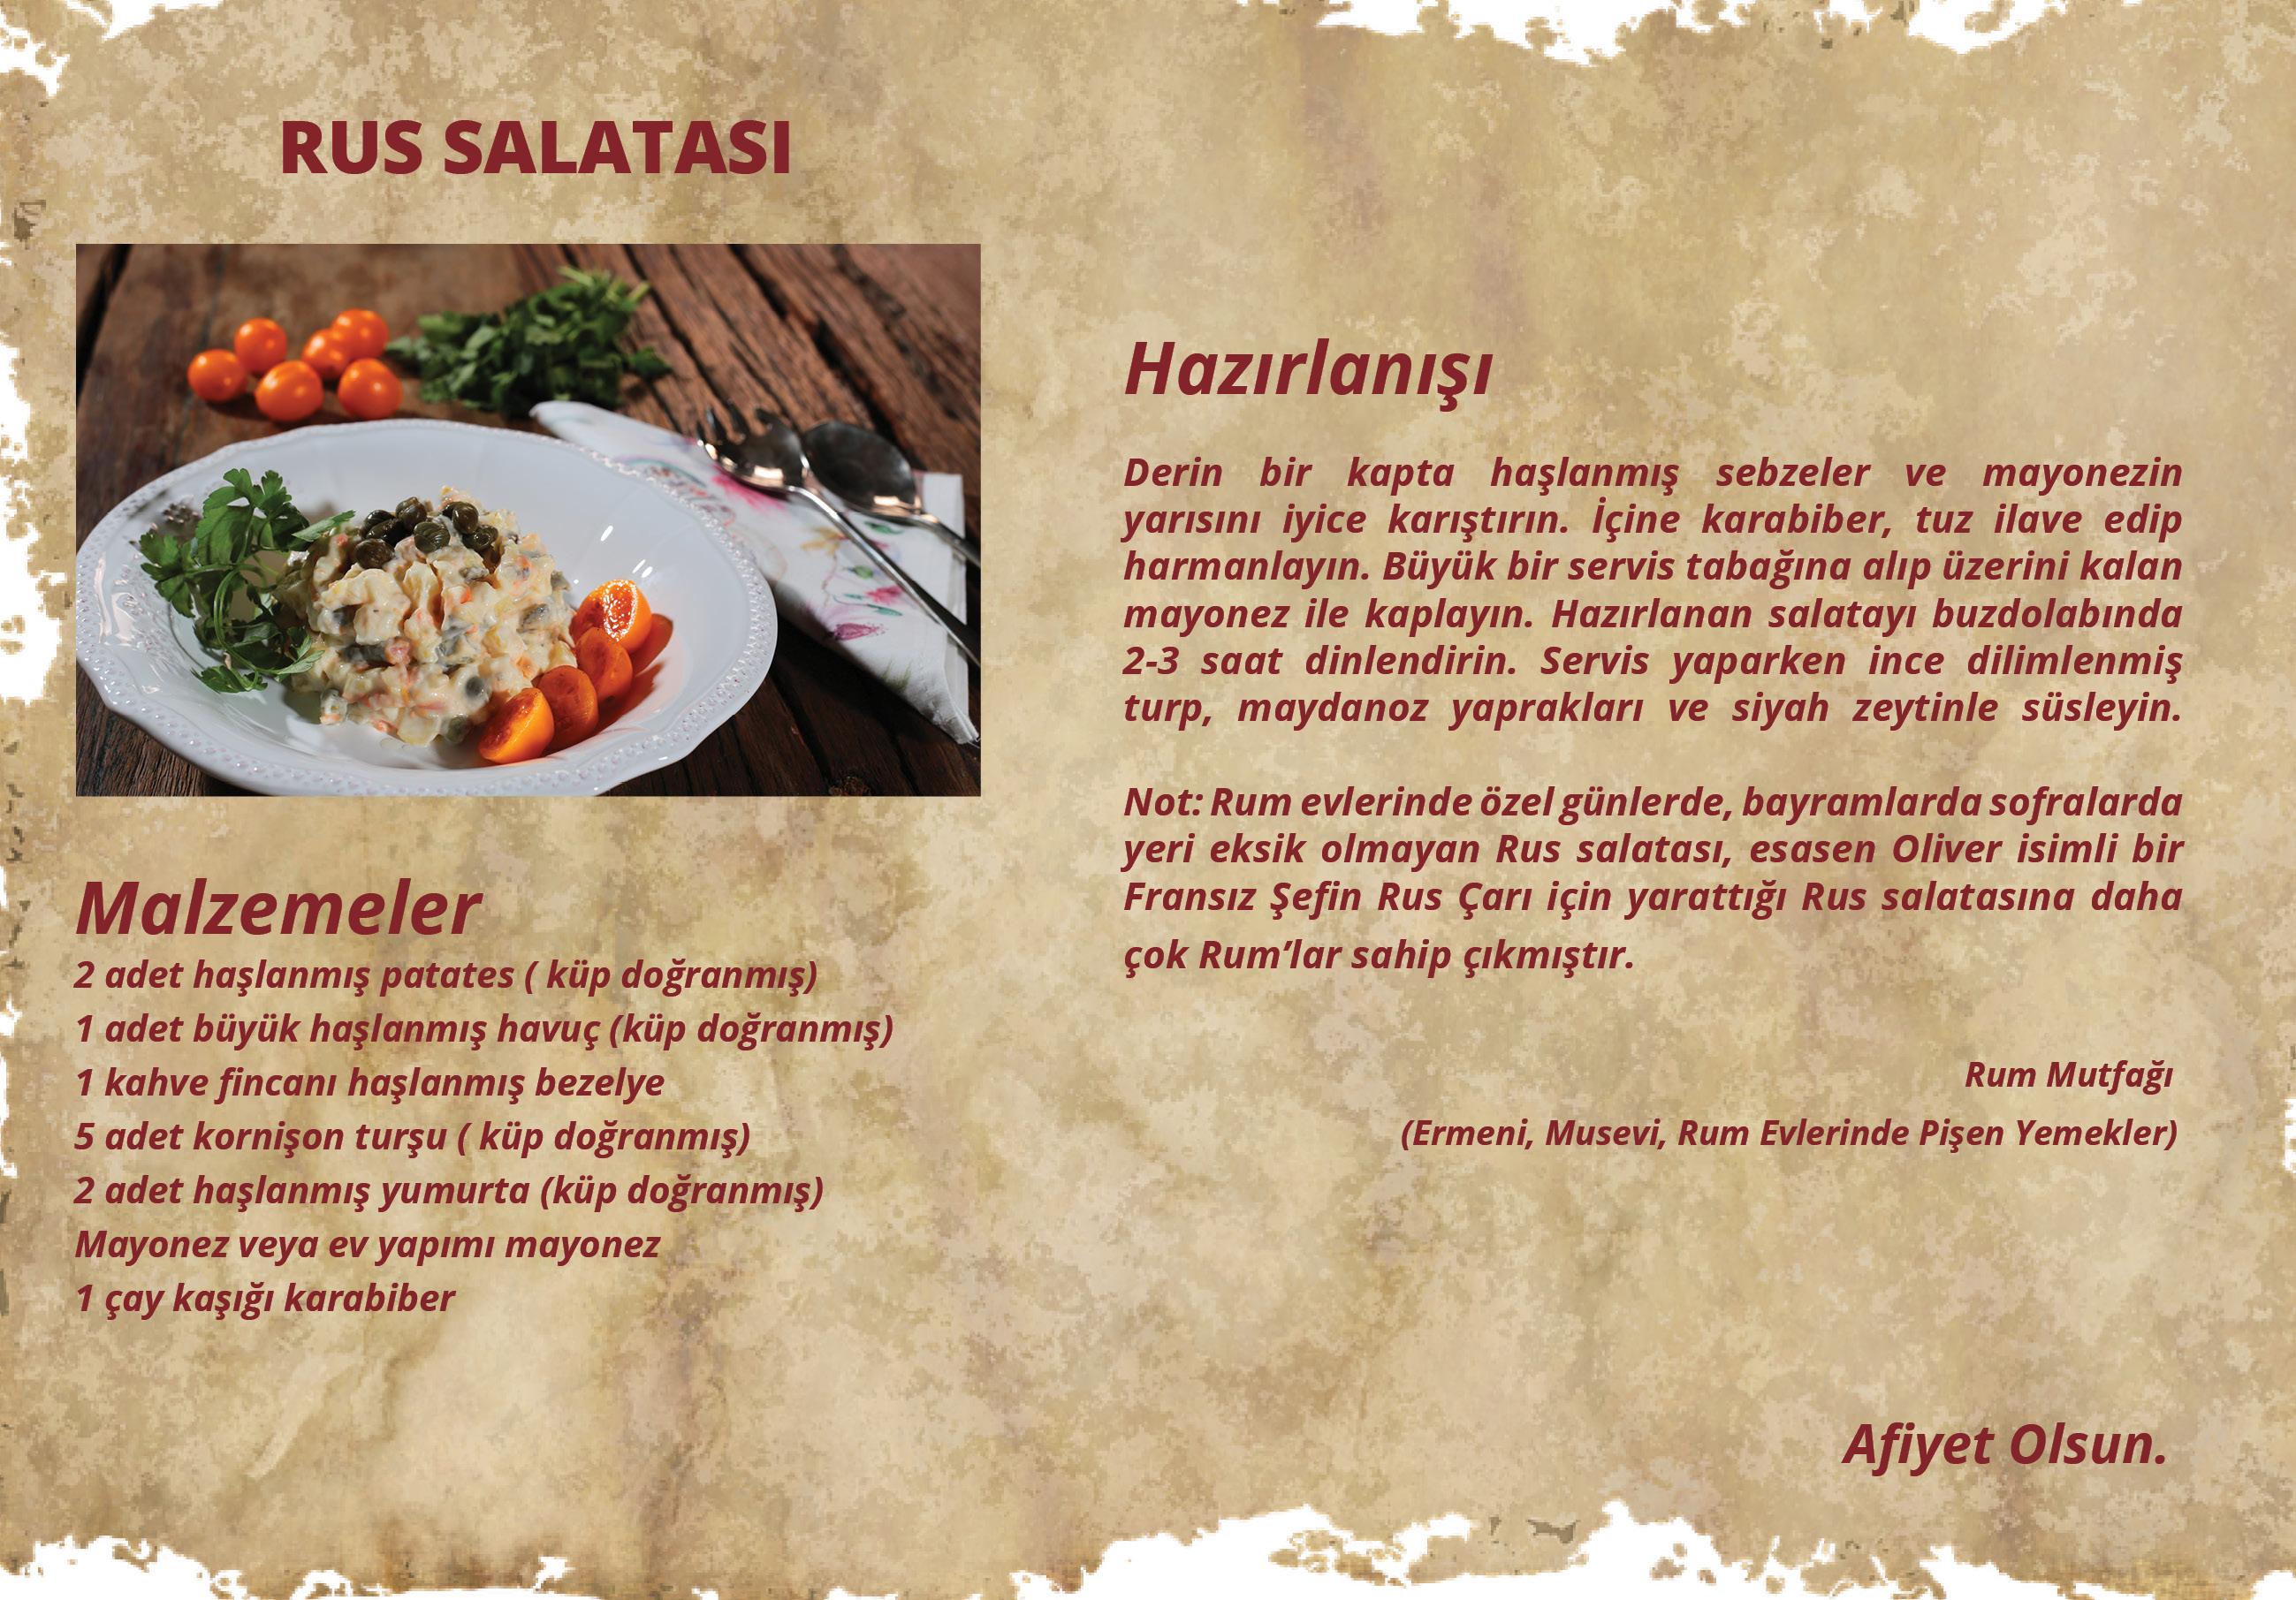 yemek: rus salatası 2 [25]